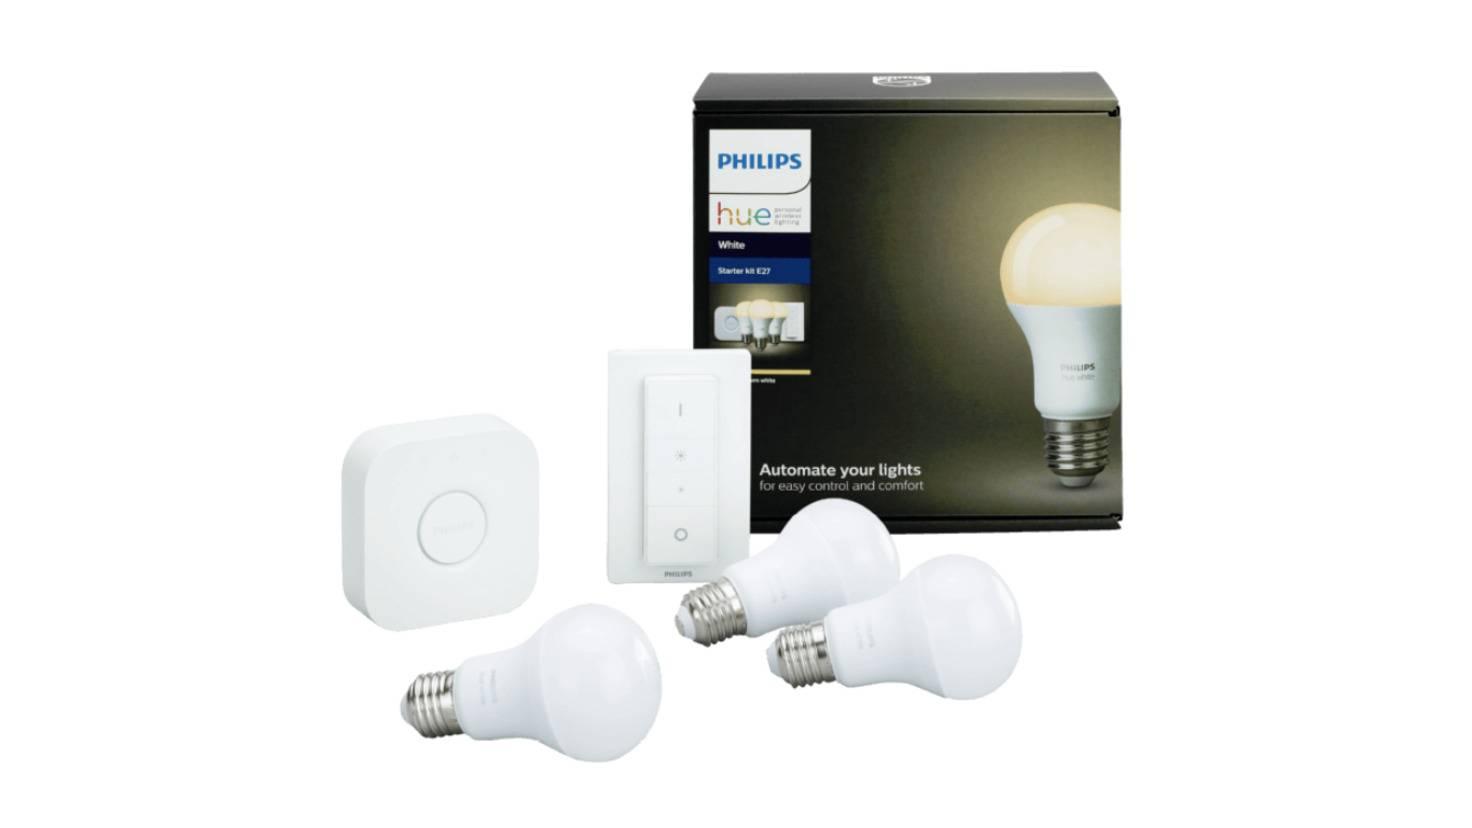 Philips-Hue-White-Starter-Kit